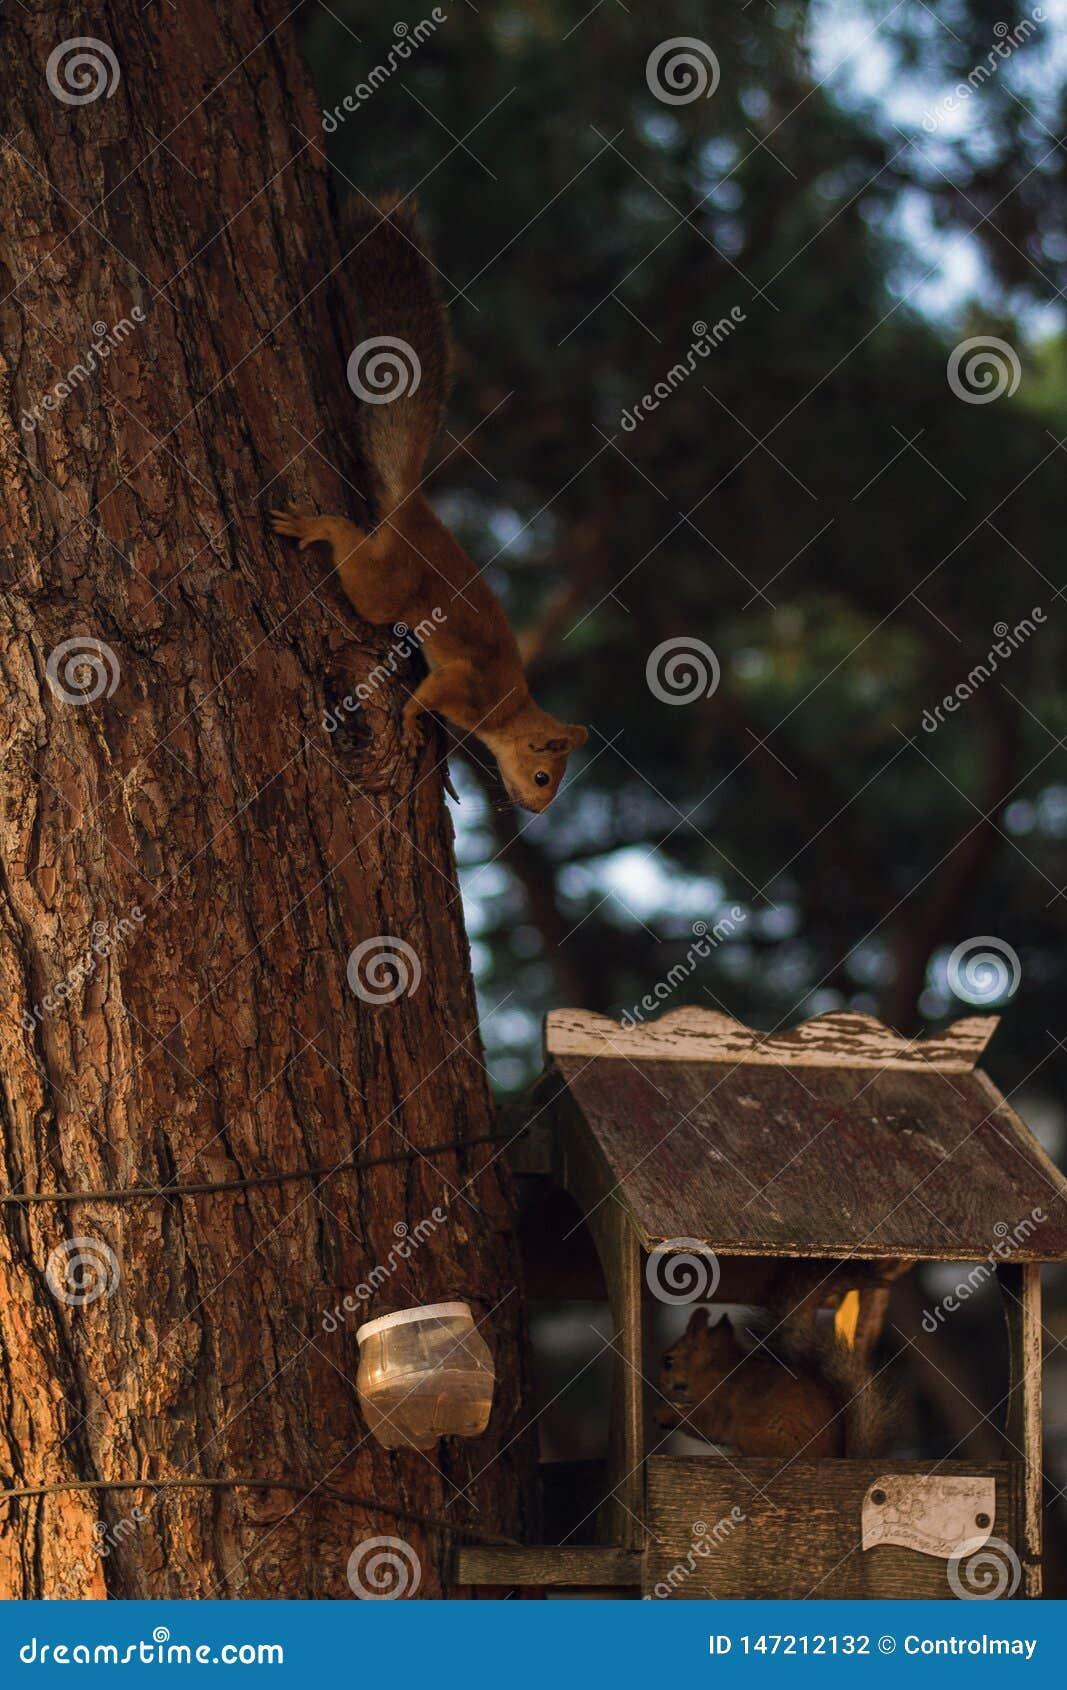 A cute, fluffy squirrel